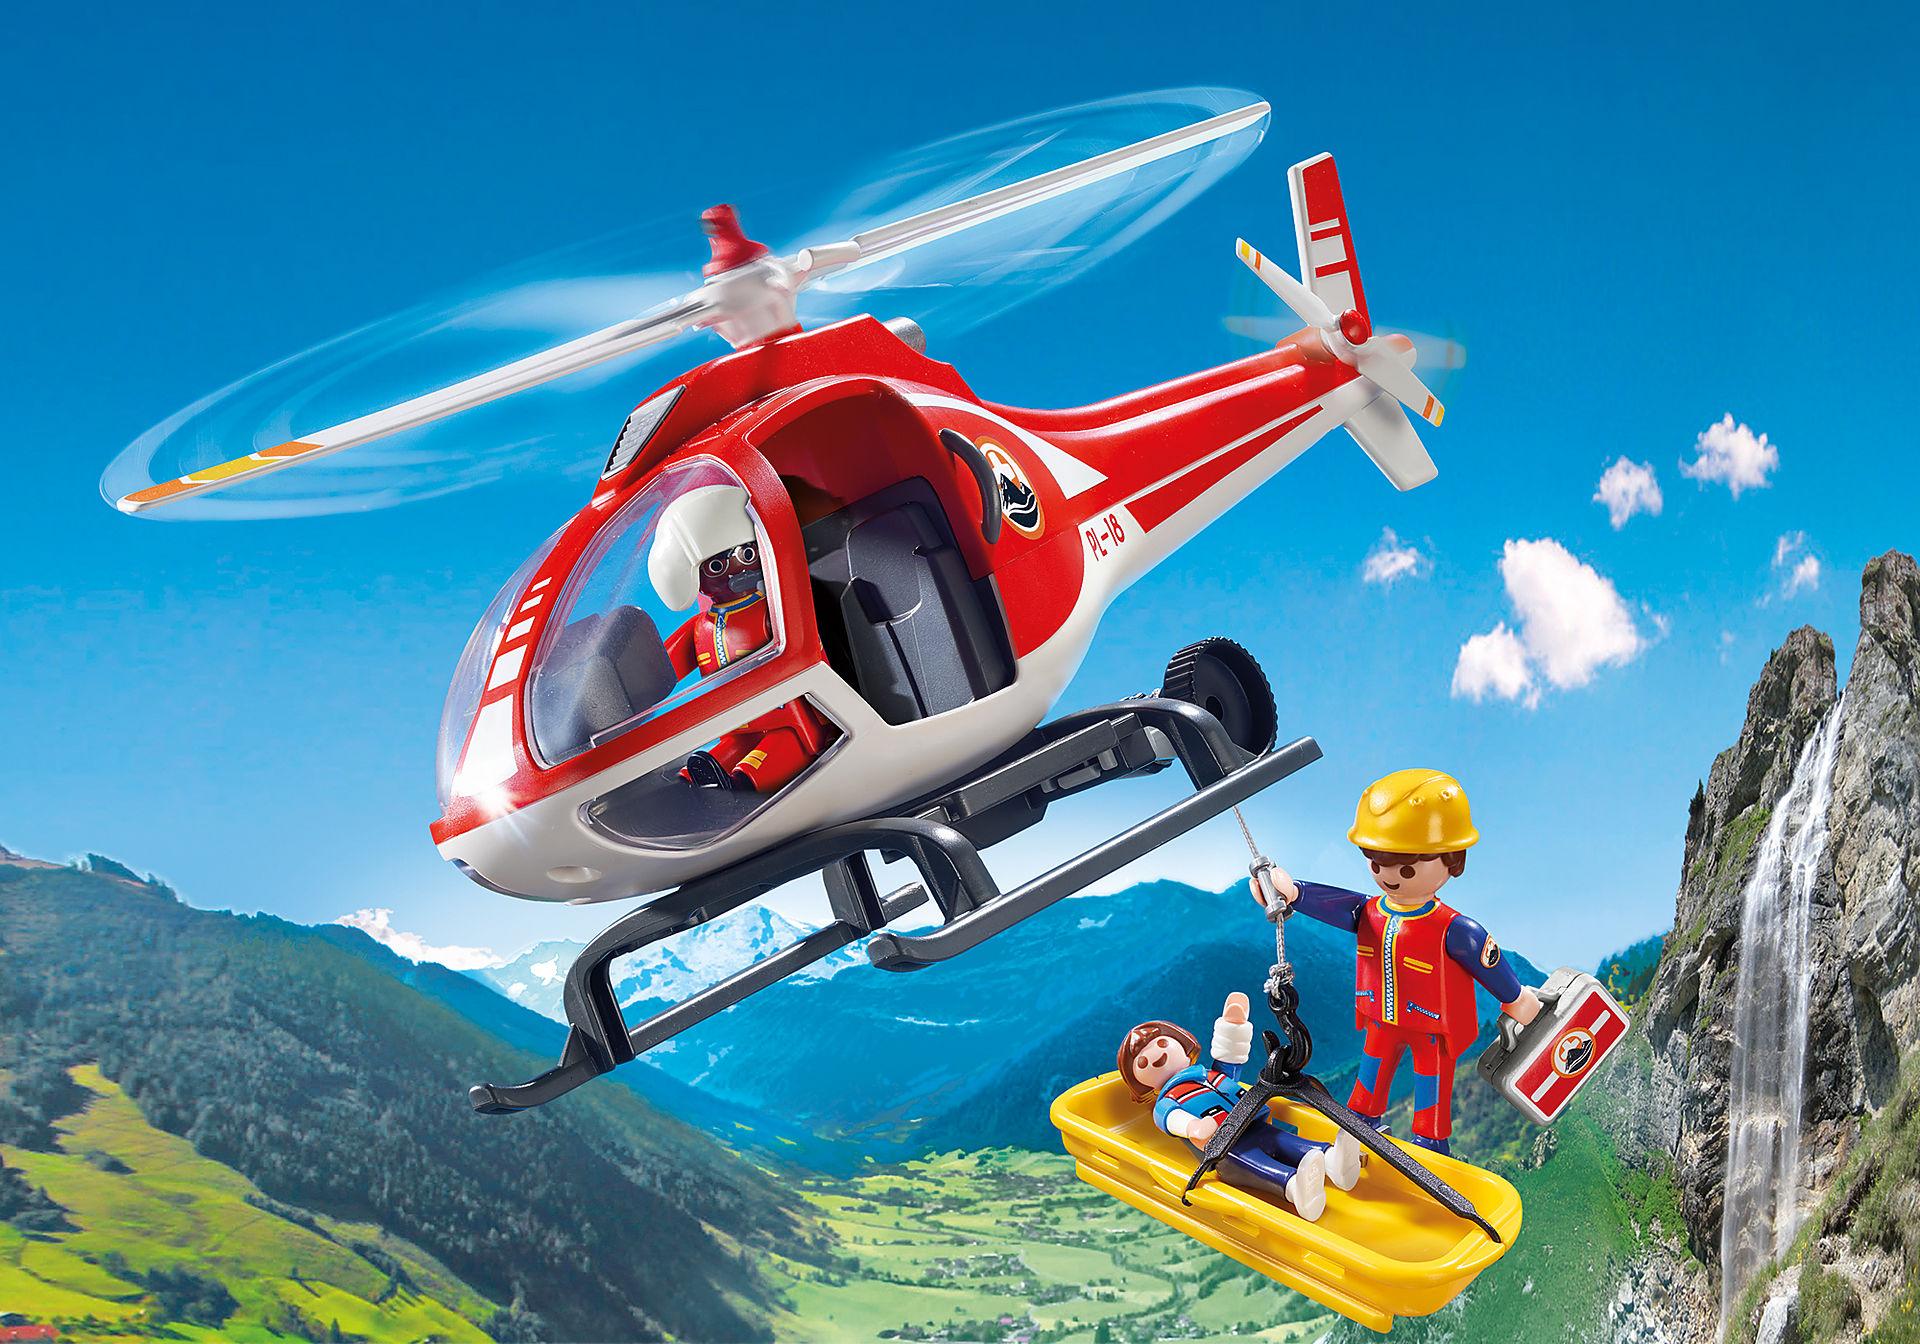 9127 Helicóptero de Resgate de Montanha zoom image1